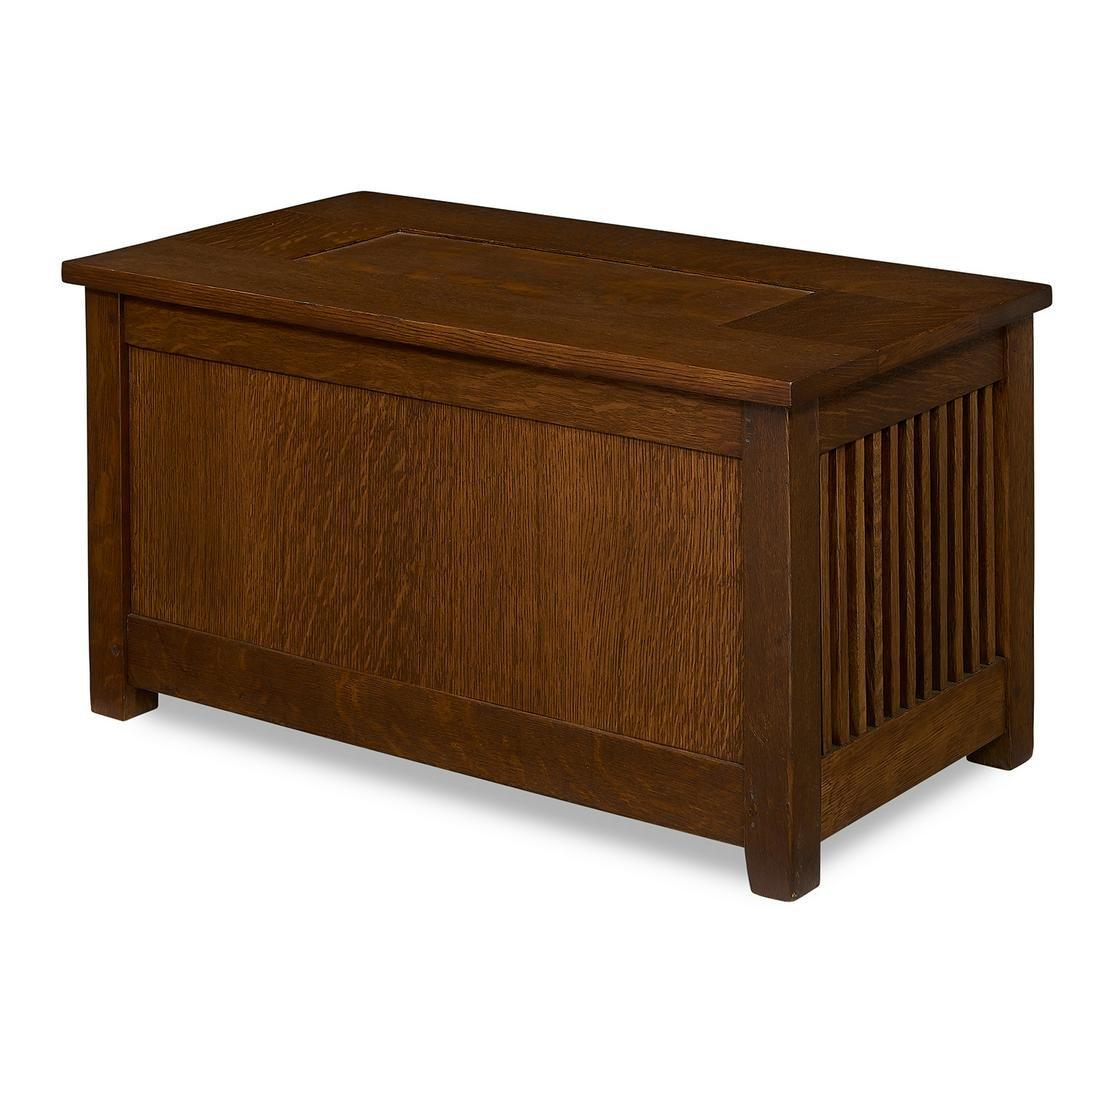 Gustav Stickley spindle shirtwaist box, #95